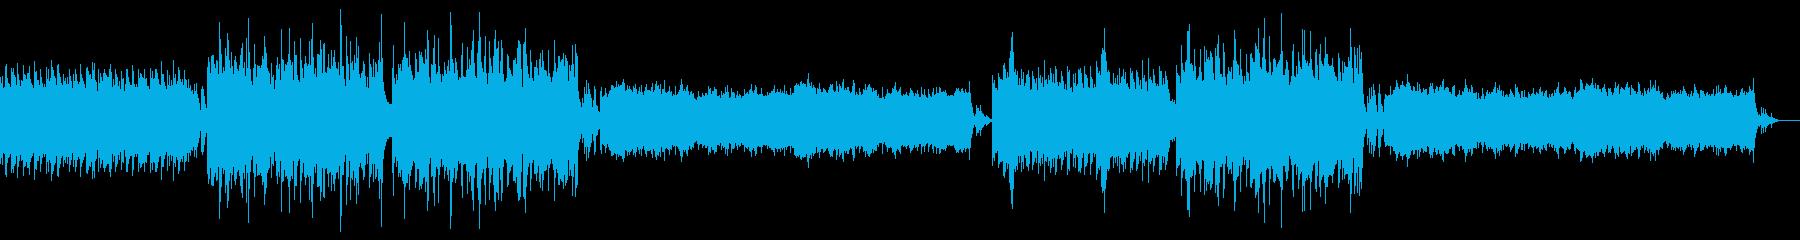 【ホラー系BGM】不気味な洋風ホラー曲の再生済みの波形